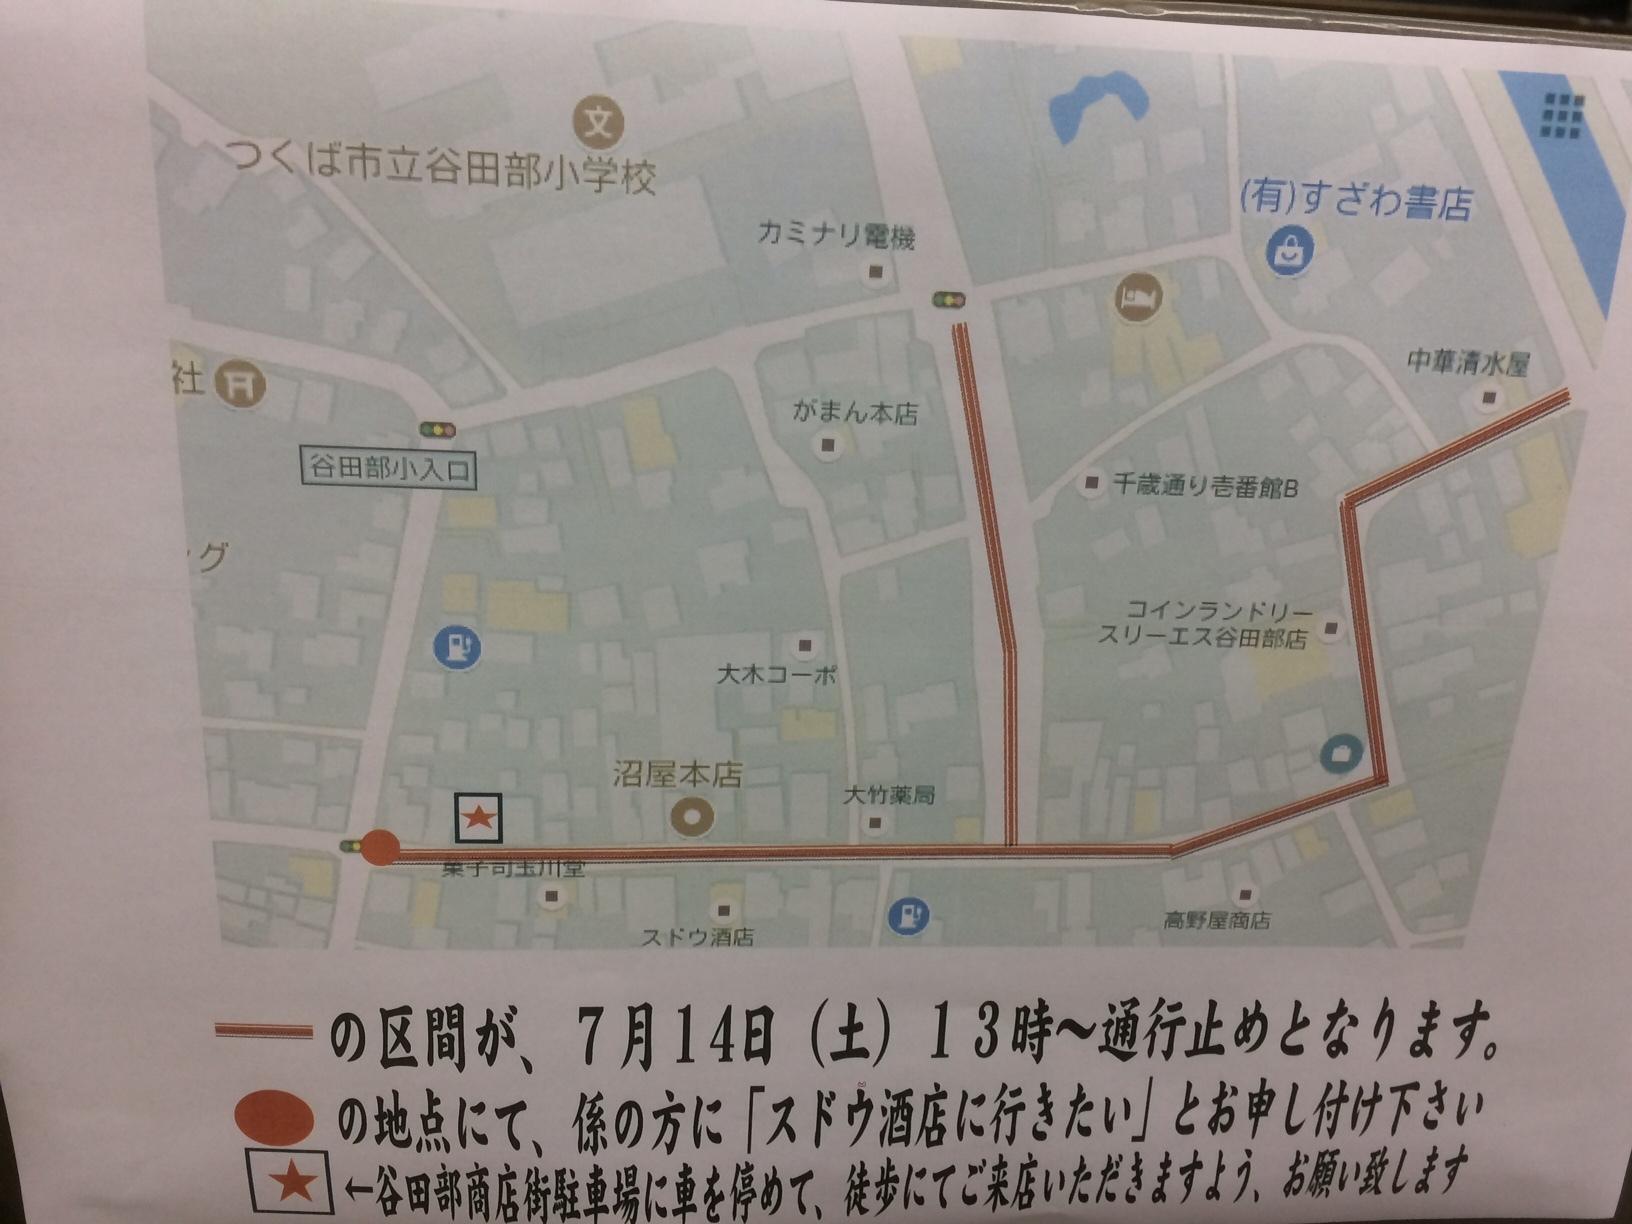 ☆7月14日(土)は13時から交通規制になります!&新入荷地ビール☆_c0175182_14364977.jpg